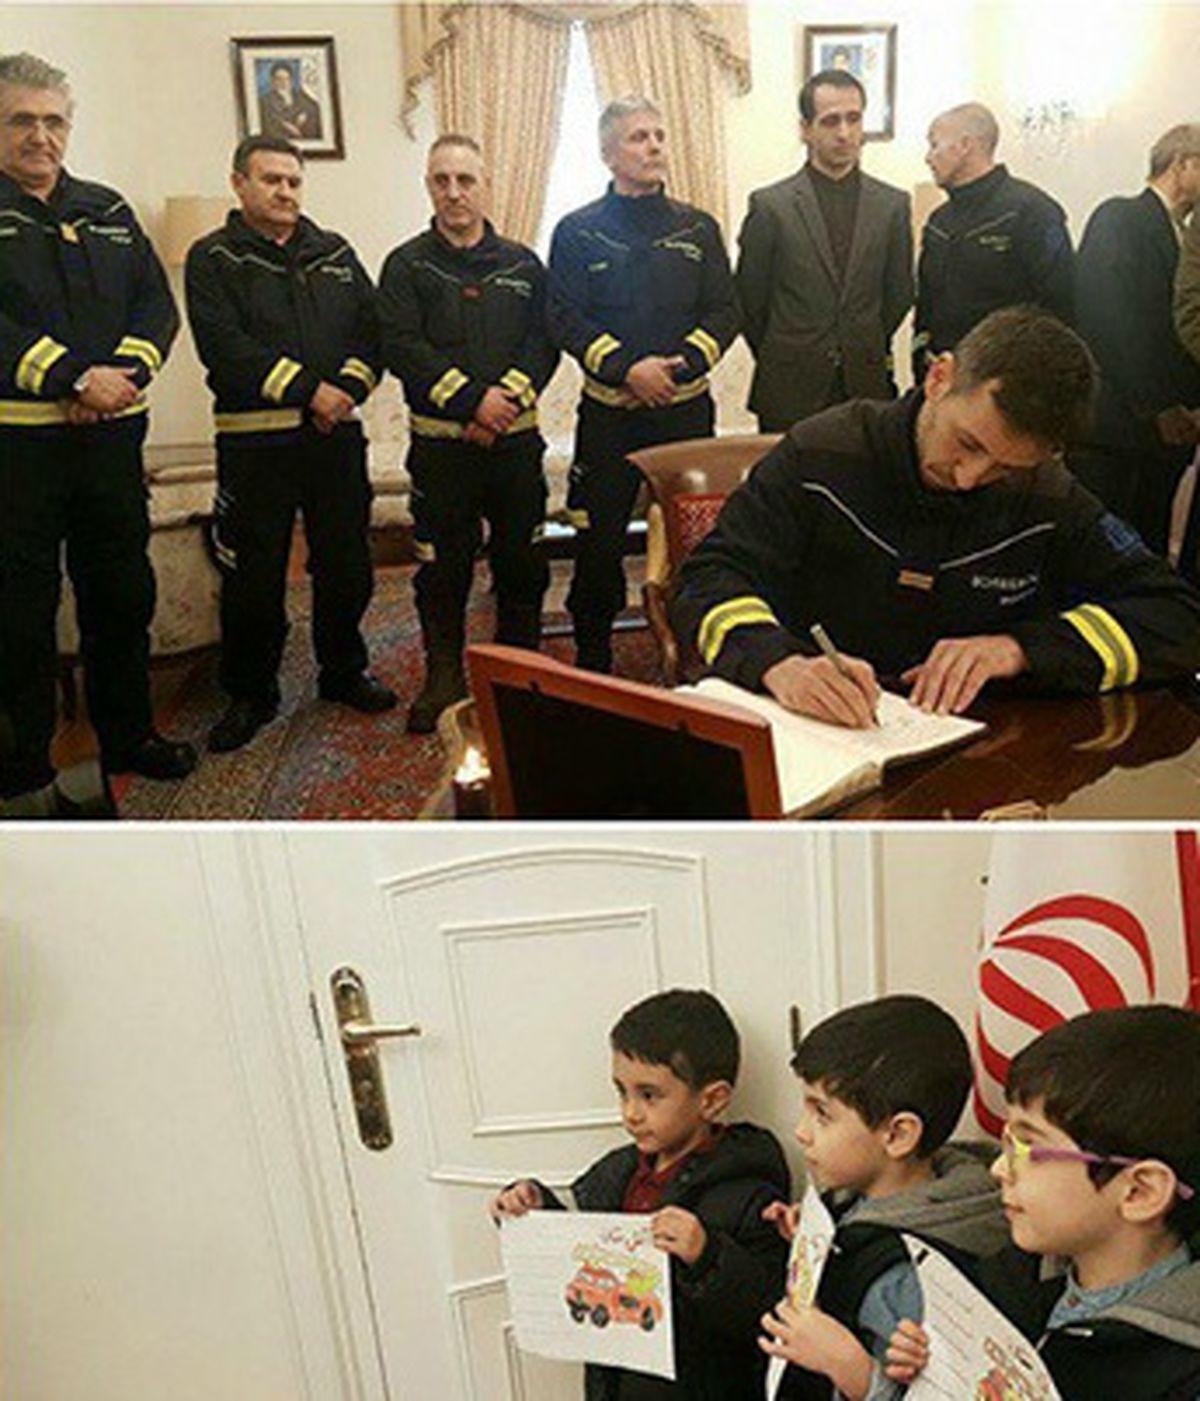 ادای احترام آتشنشانان اسپانیایی به شهدای آتشنشان +عکس